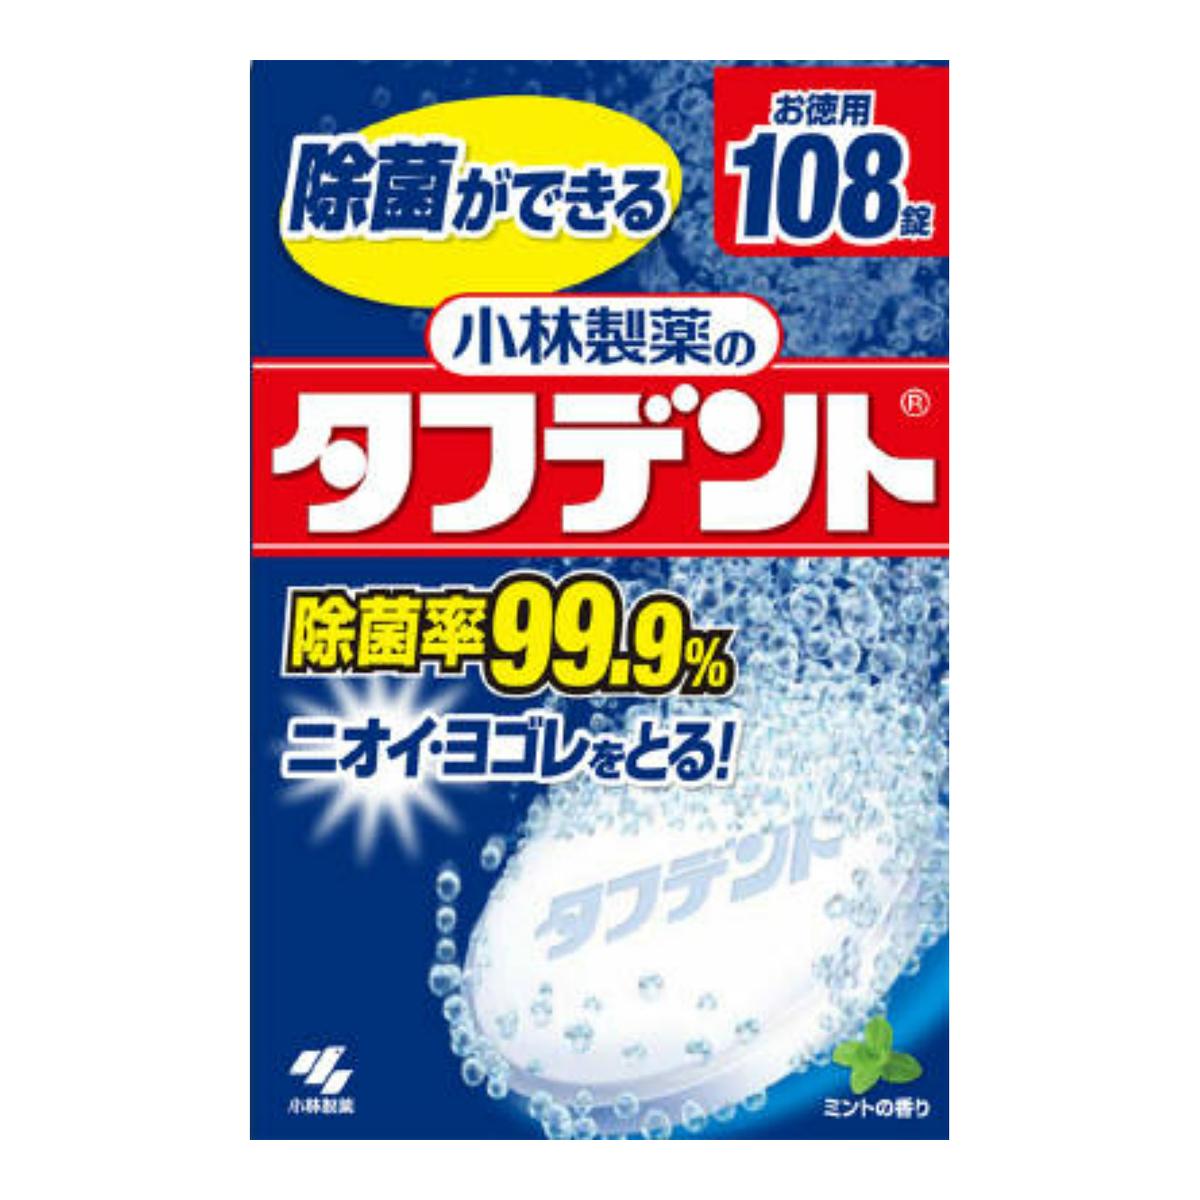 【送料無料・まとめ買い×32】小林製薬 Wパワー酵素 タフデント 108錠×32点セット まとめ買い特価!ケース販売 ( 4987072018620 )